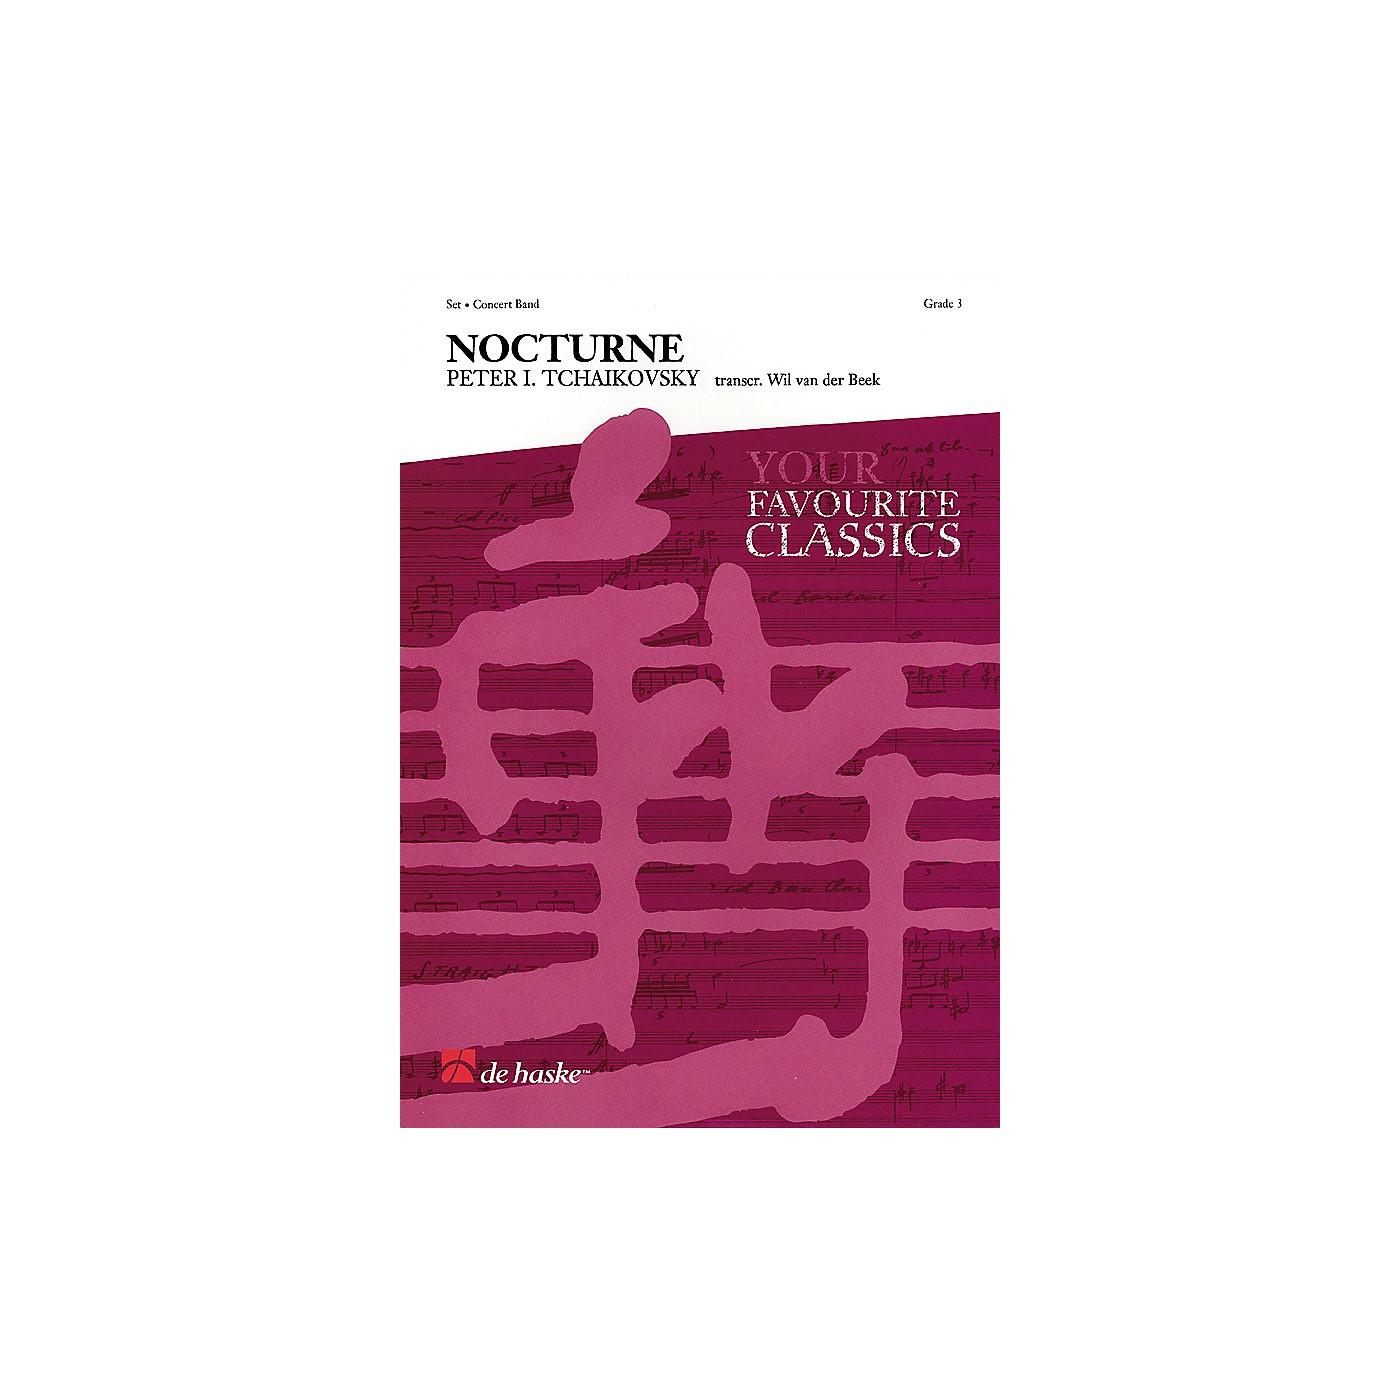 Hal Leonard Nocturne (score) Concert Band thumbnail